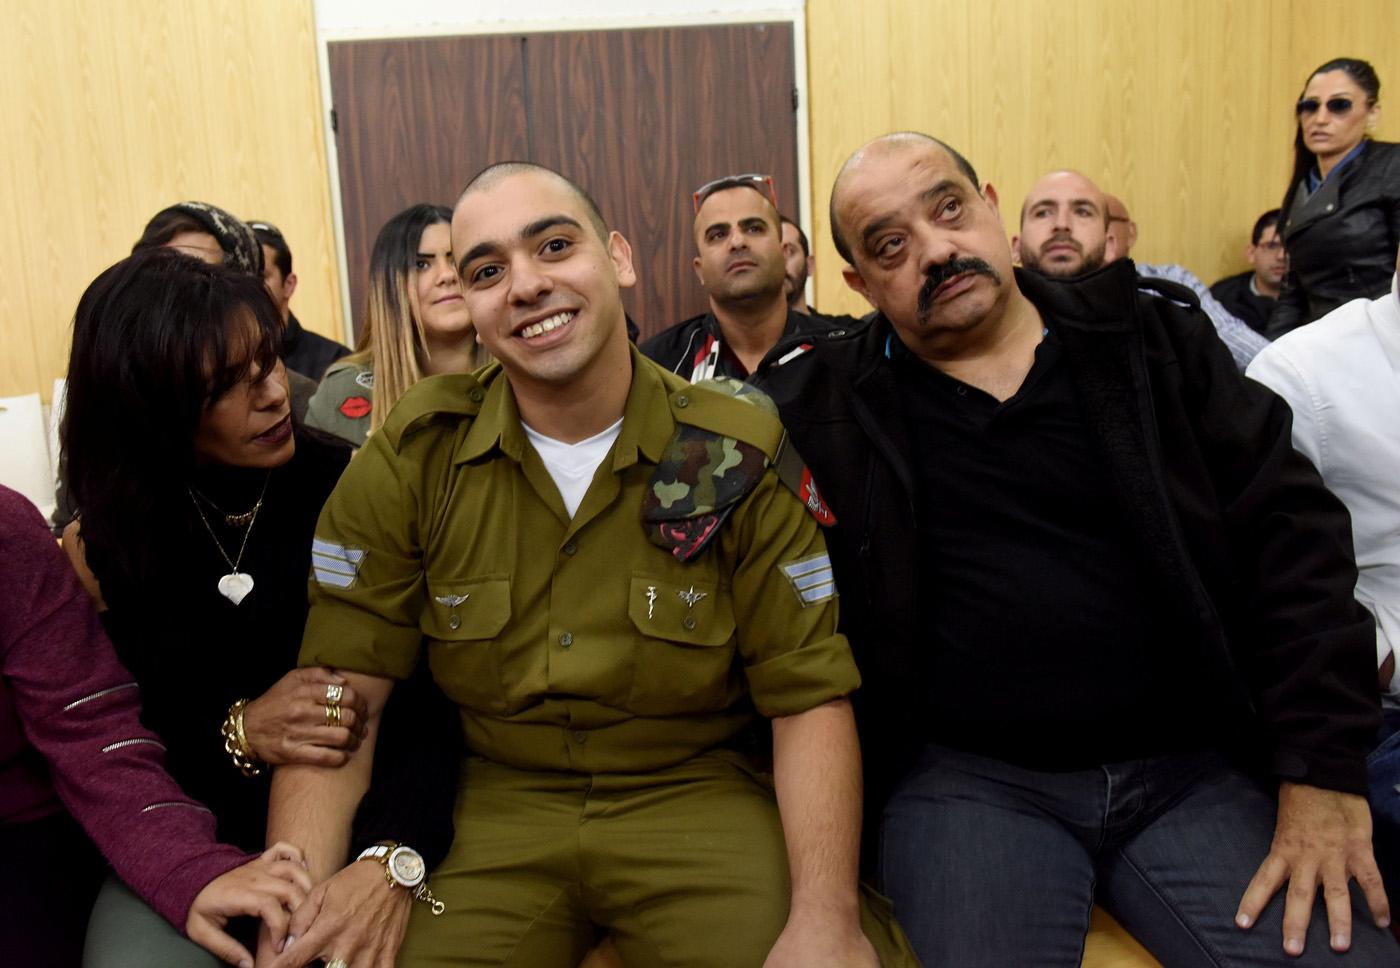 gu israeli soldier jailed - HD1400×968